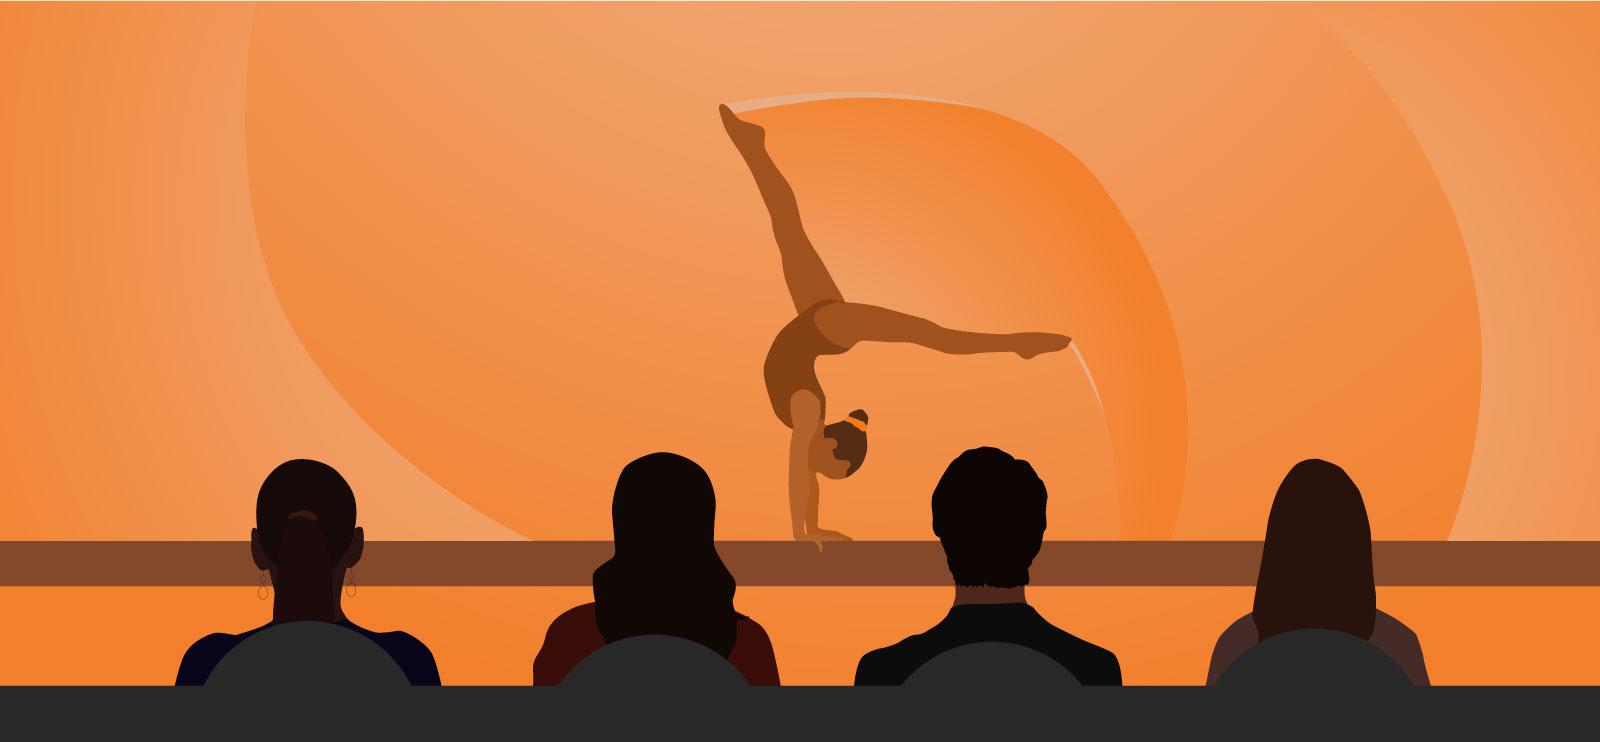 Gymnastics website design steps to success